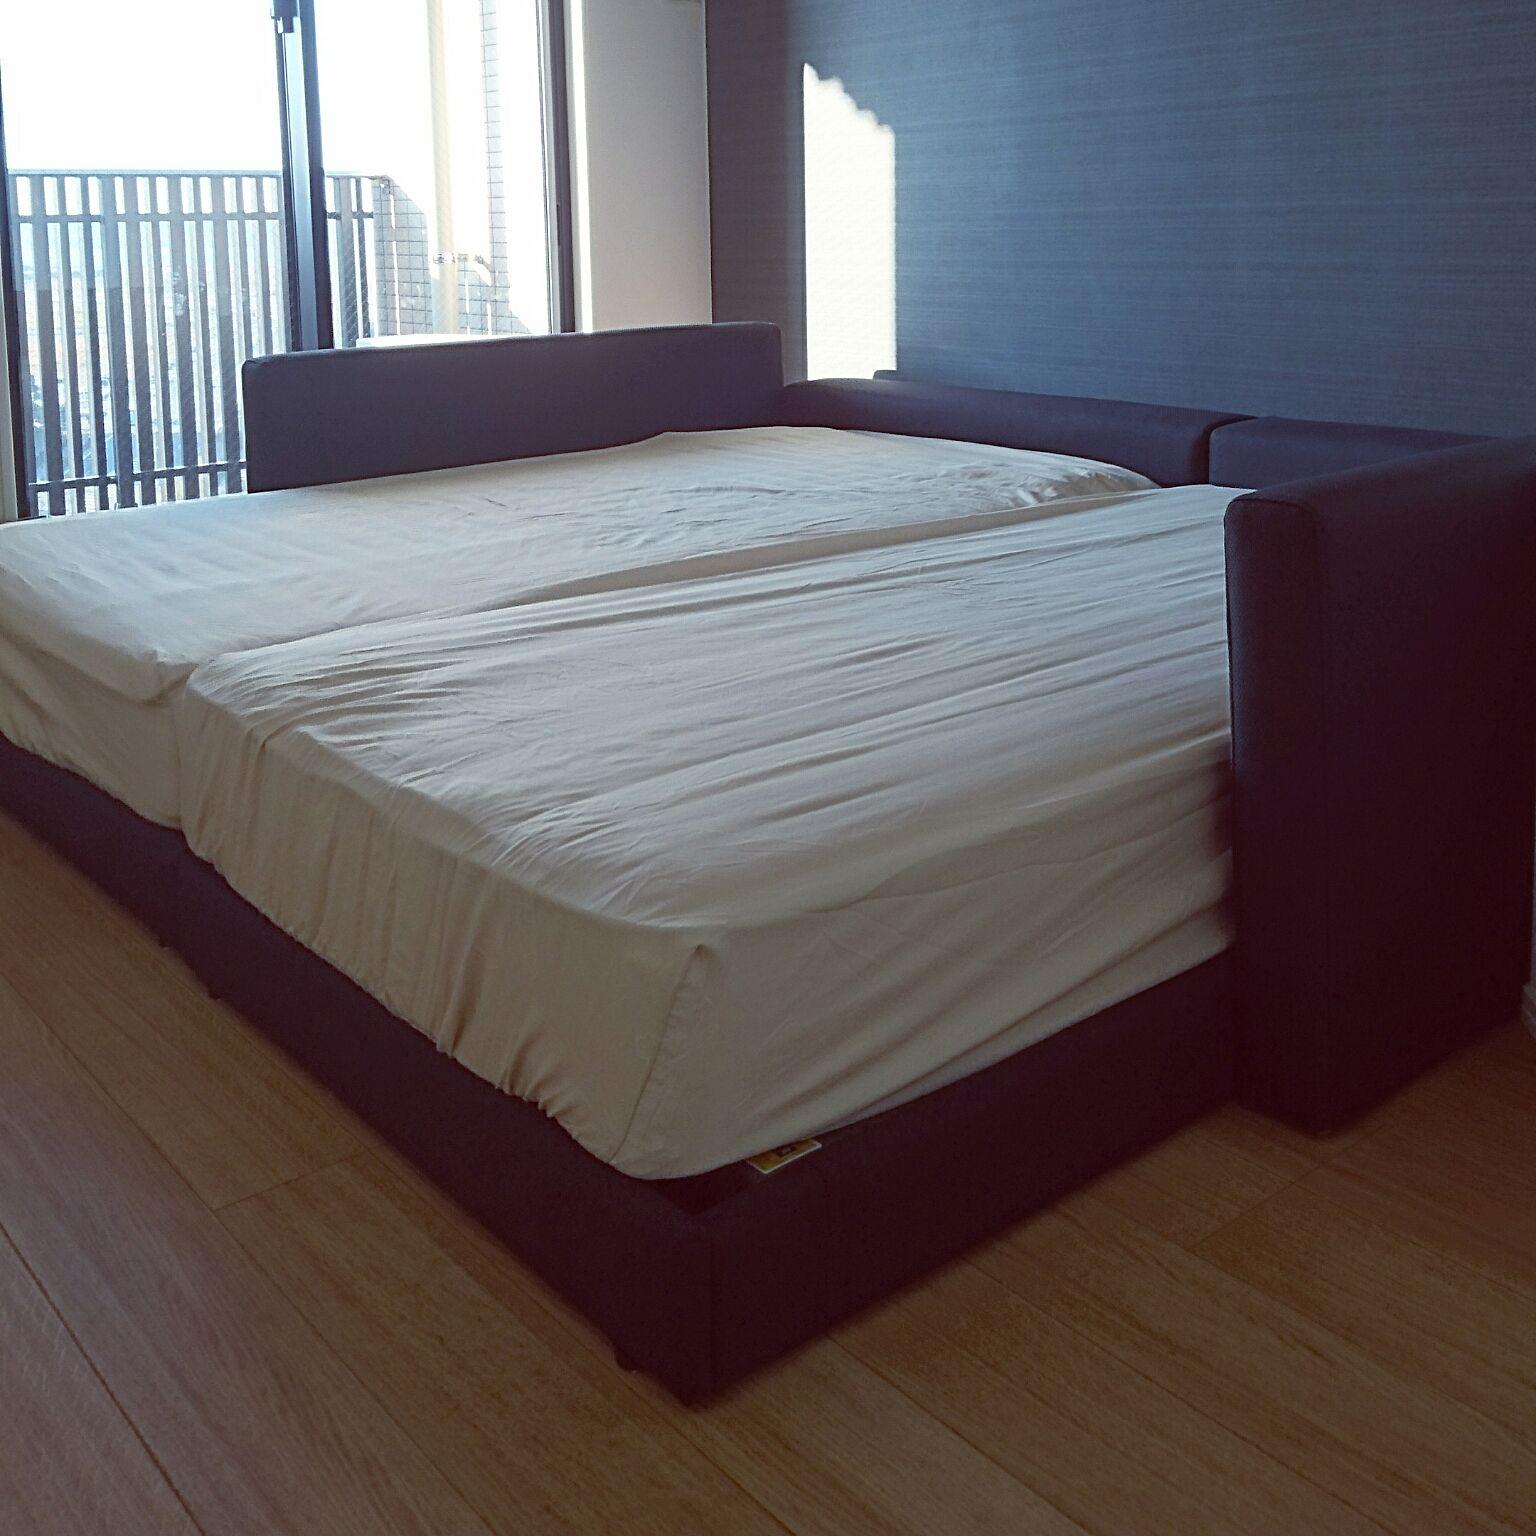 窓際に置いているベッド